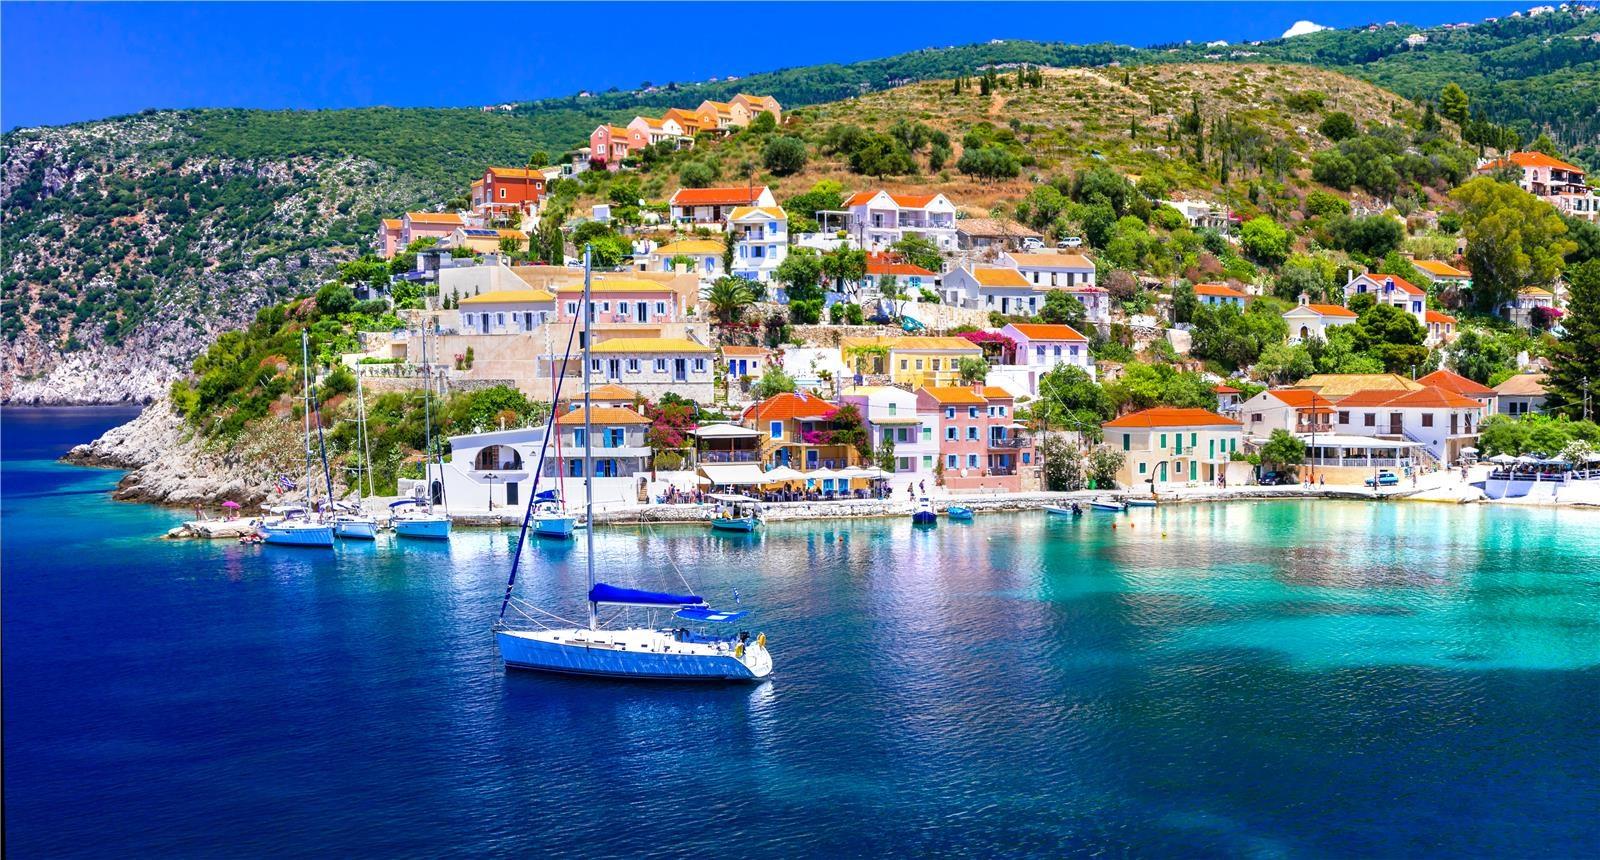 יוון (צילום: Shutterstock)